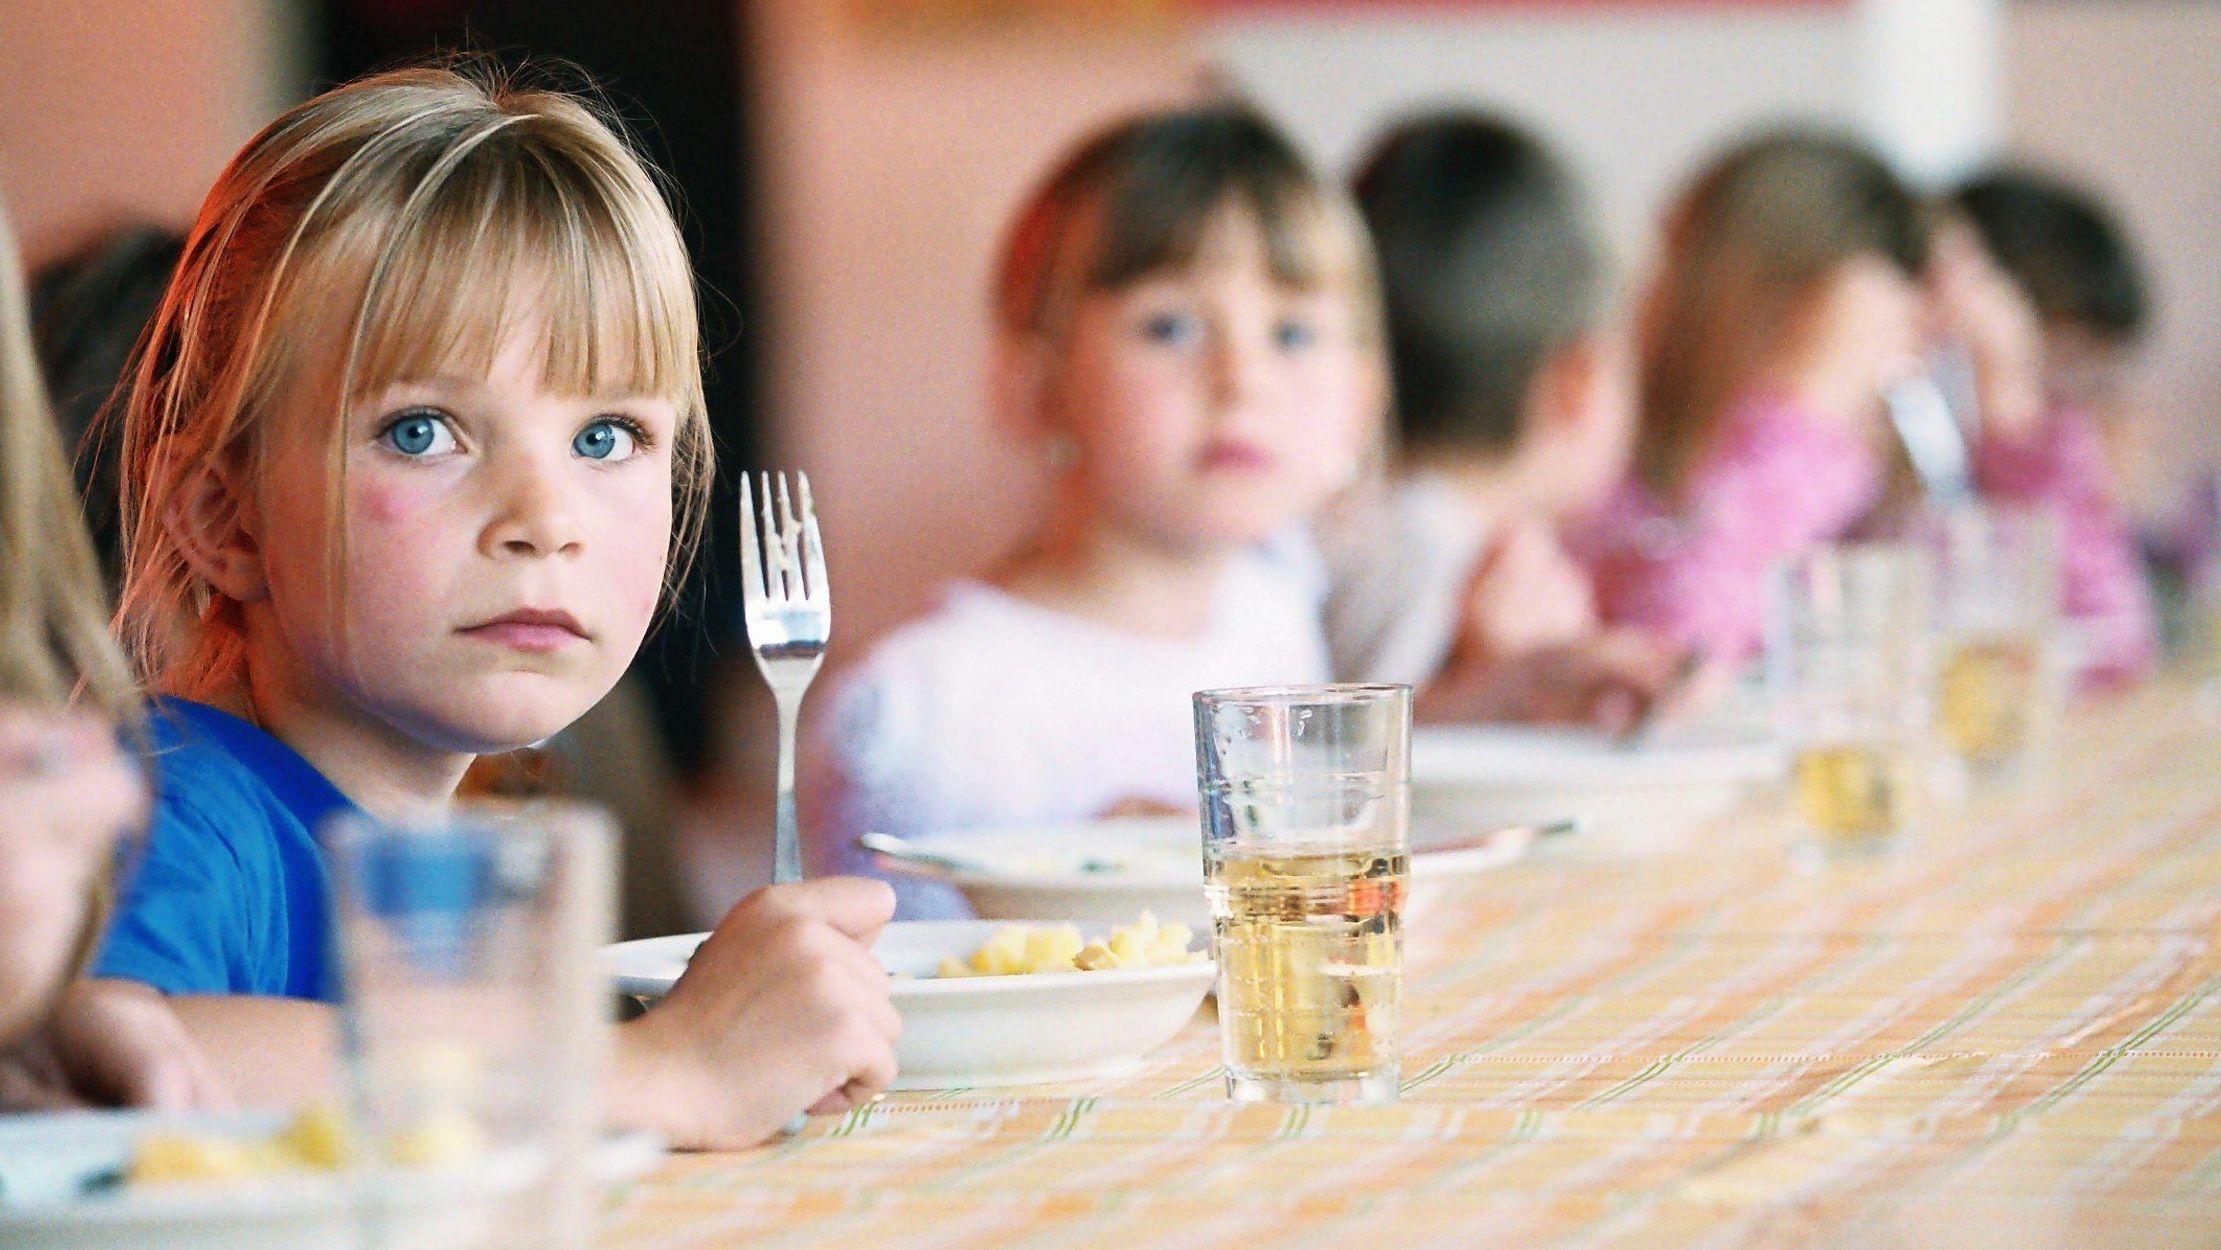 Grundschüler während des Mittagessens in ihrer Schule